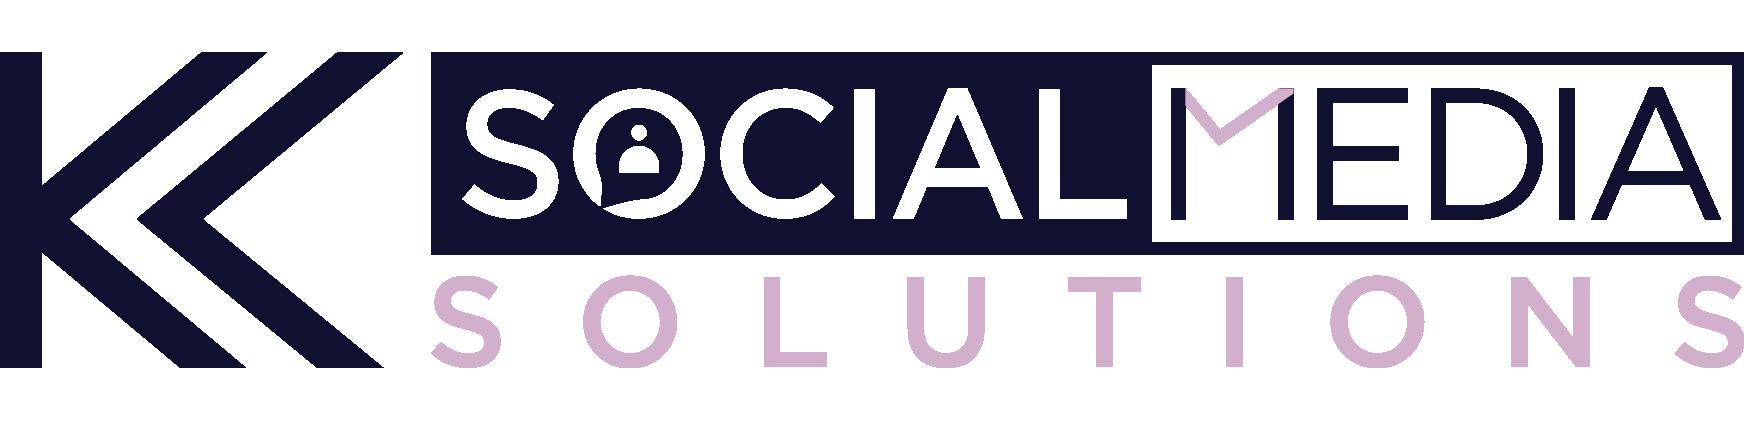 KK Social Media Solutions